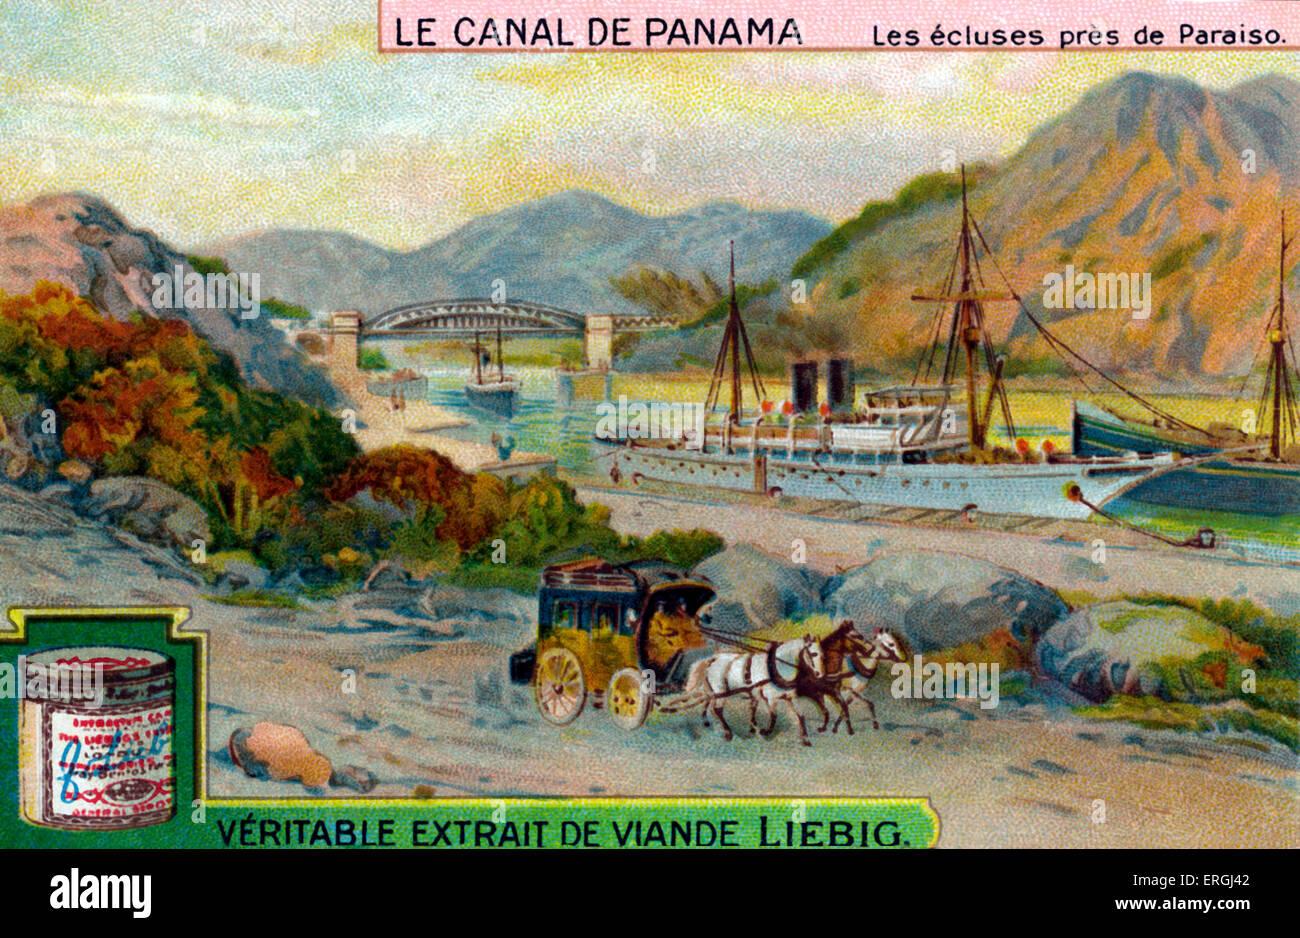 El Canal de Panamá: Bloquea cerca del Paraiso. Serie de cartas coleccionables Liebig (título en francés: Imagen De Stock